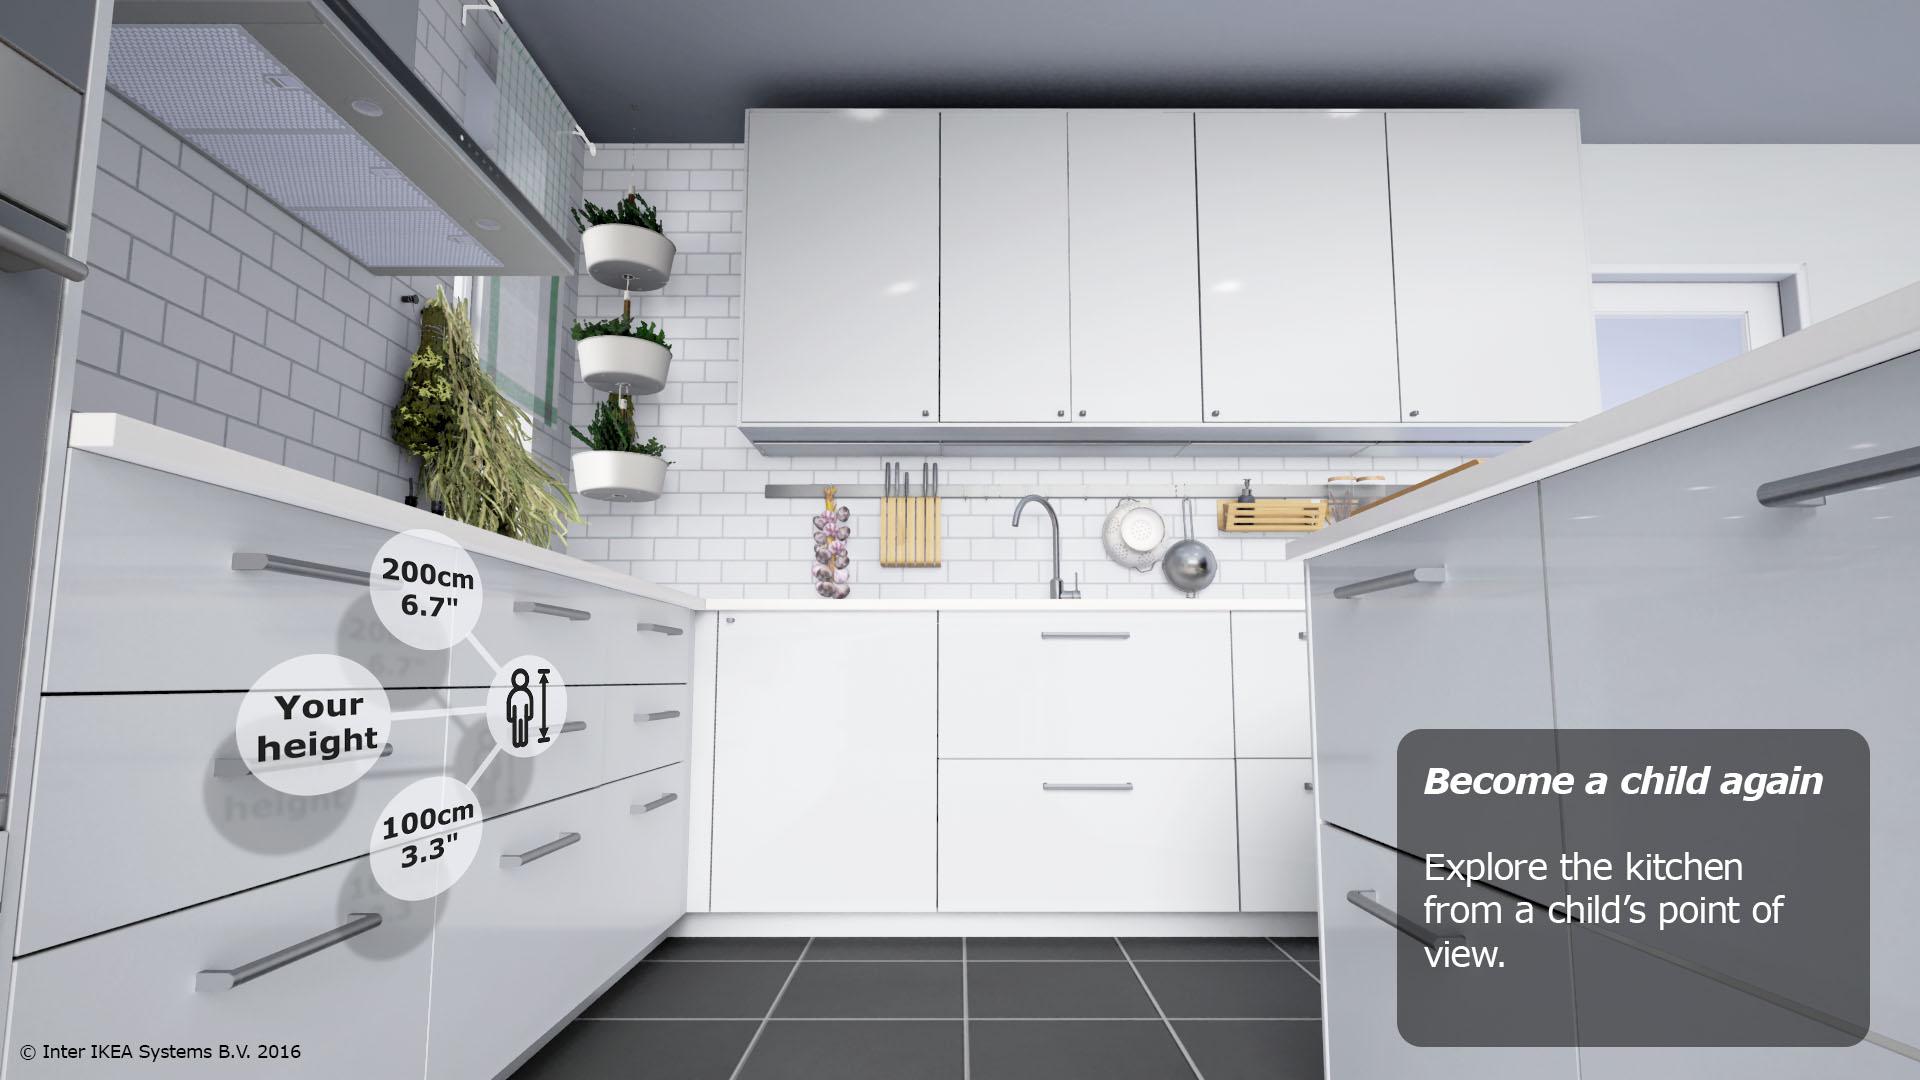 La r alit virtuelle pour visiter votre future cuisine ikea weblife - Ikea changement d adresse ...